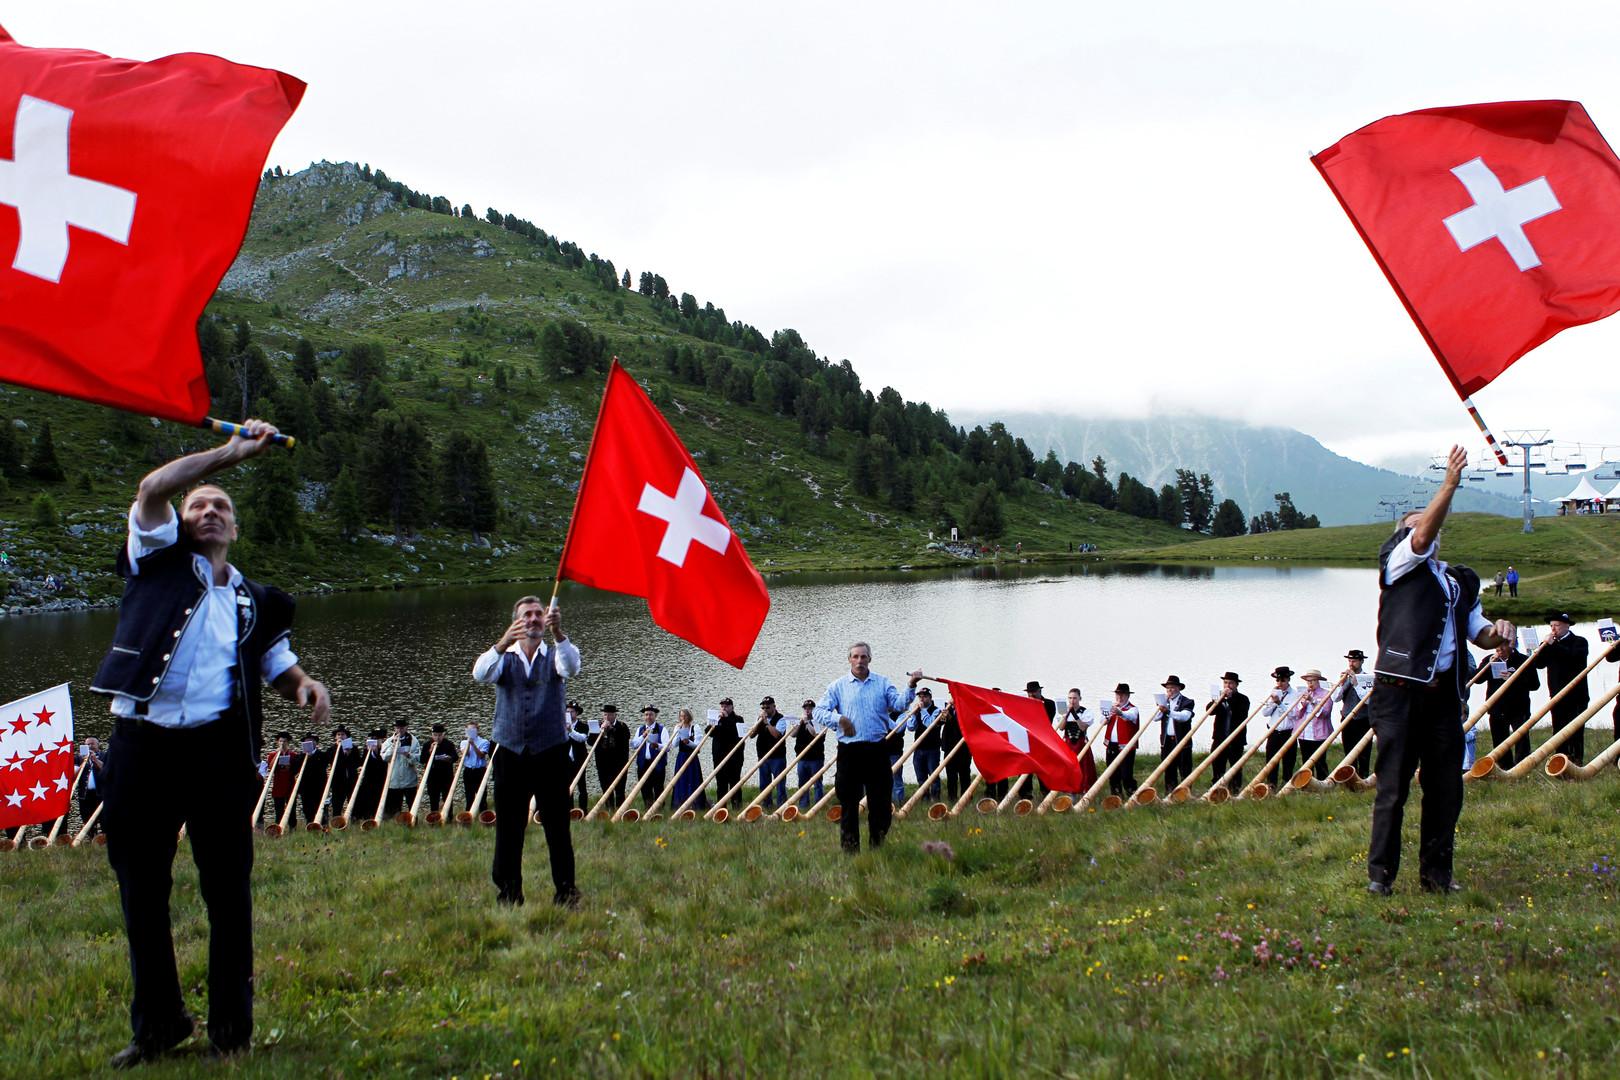 Две пятьсот каждому: в Швейцарии решат, раздавать ли швейцарцам деньги